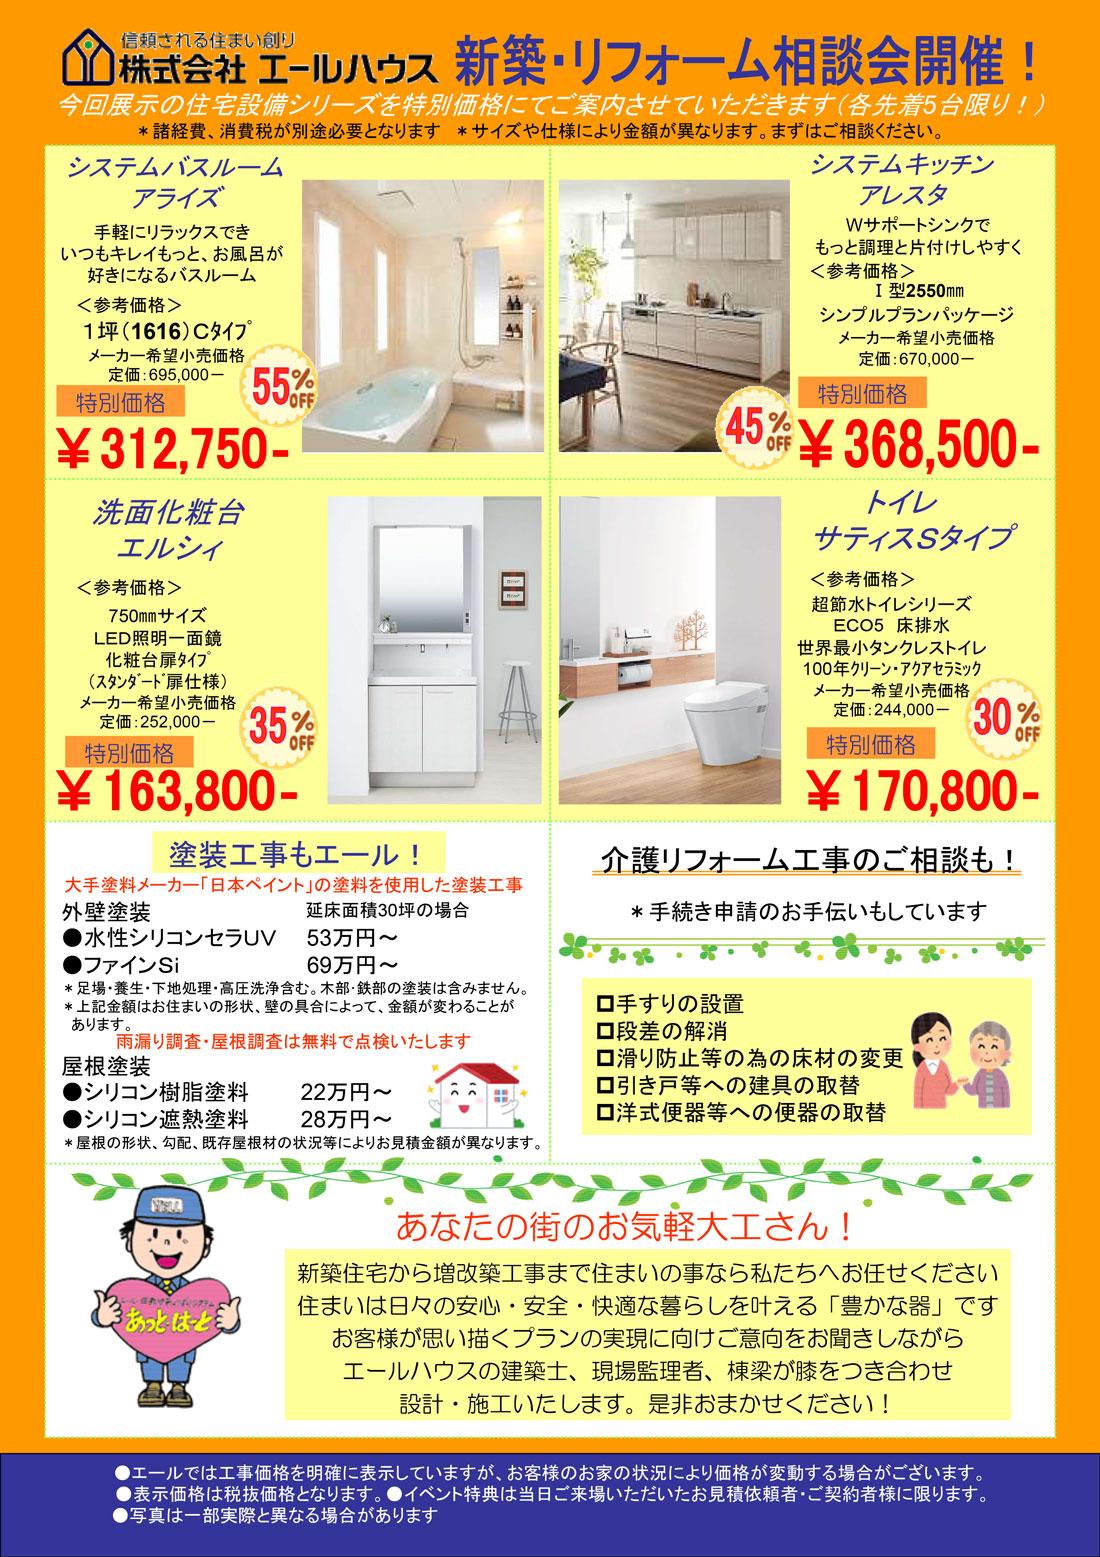 エールハウス藤沢店LIXIL体験チラシ